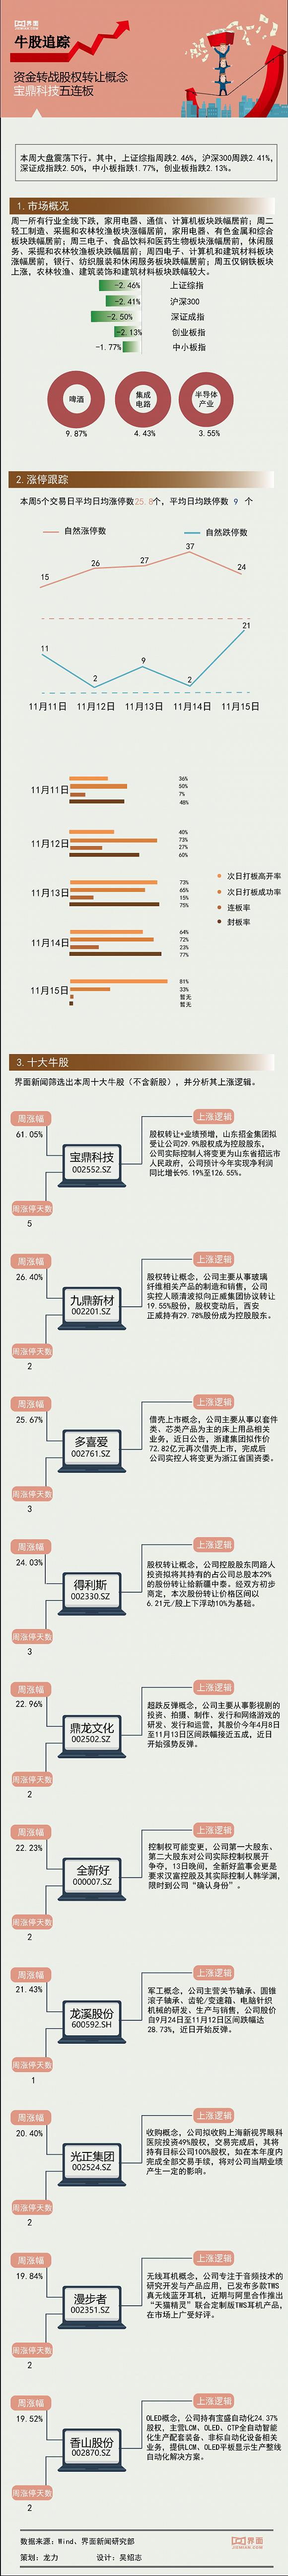 金沙手机上怎么玩 - 创历史!吴曦将联袂小罗参加全明星赛若出场将成中国足坛第一人